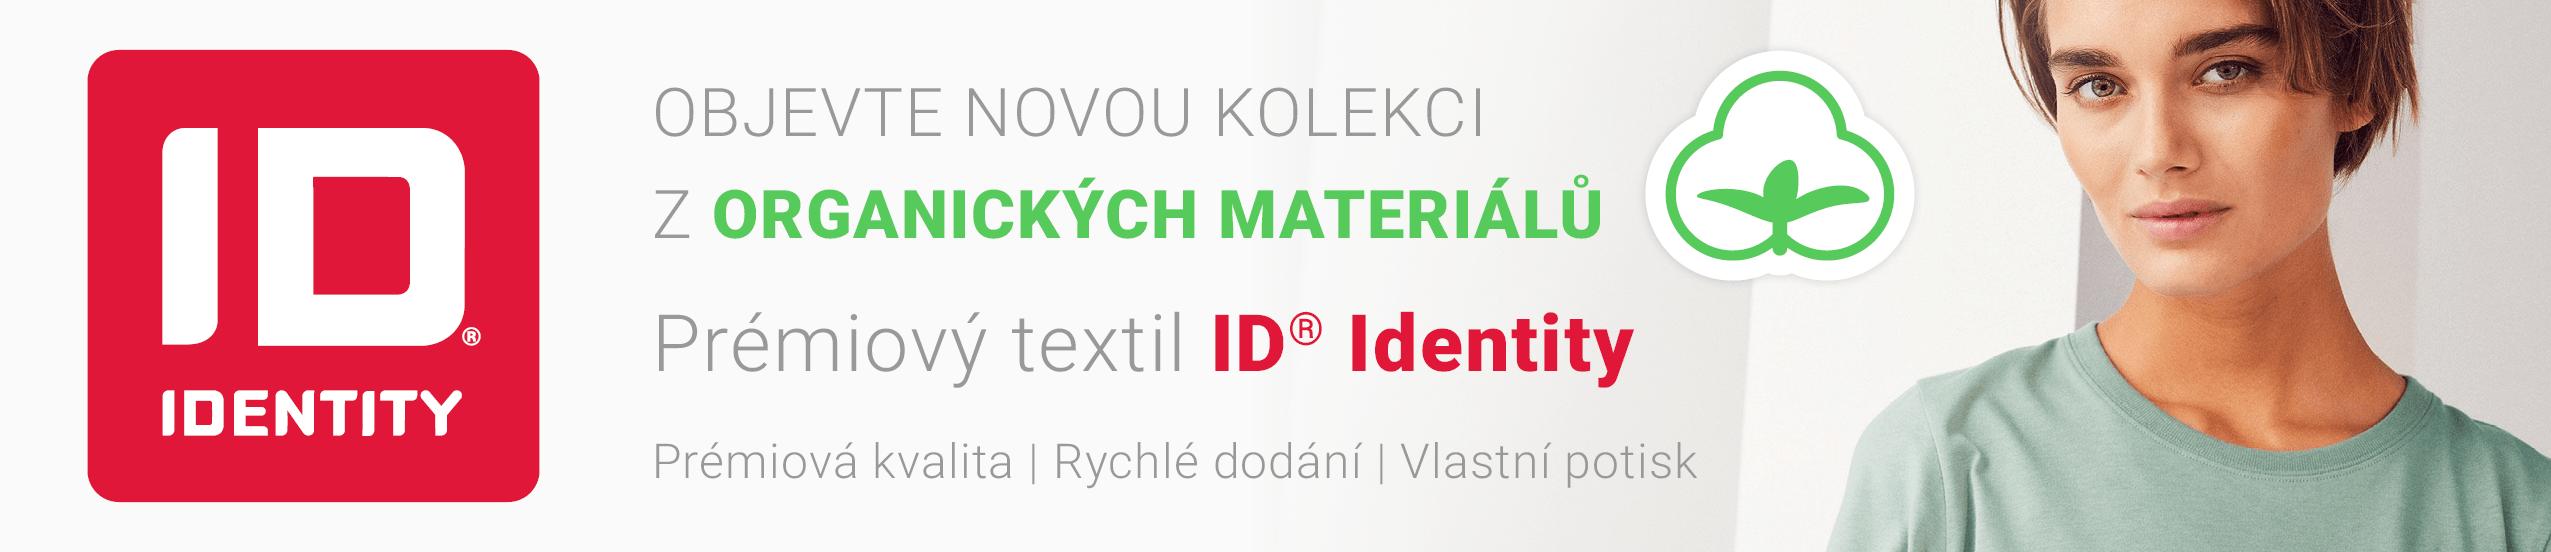 Kvalitní textil ID Identity s reklamním potiskem - nová kolekce z organických materiálů 2021